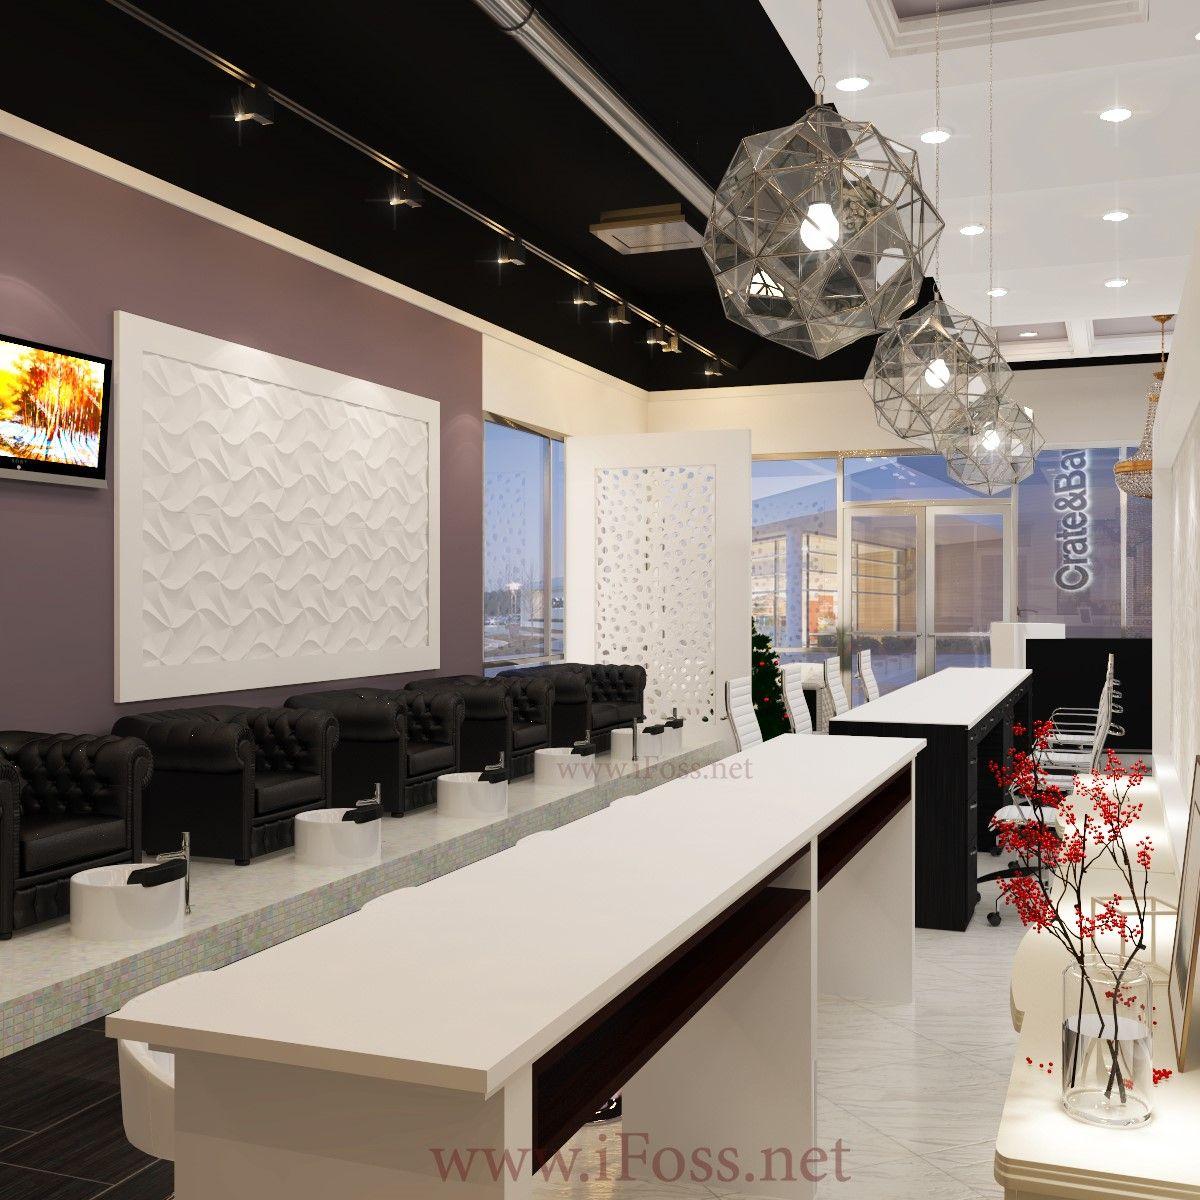 Pin By Kiki Rose On Business Ideas Modern Nail Salon Salon Design Salon Decor